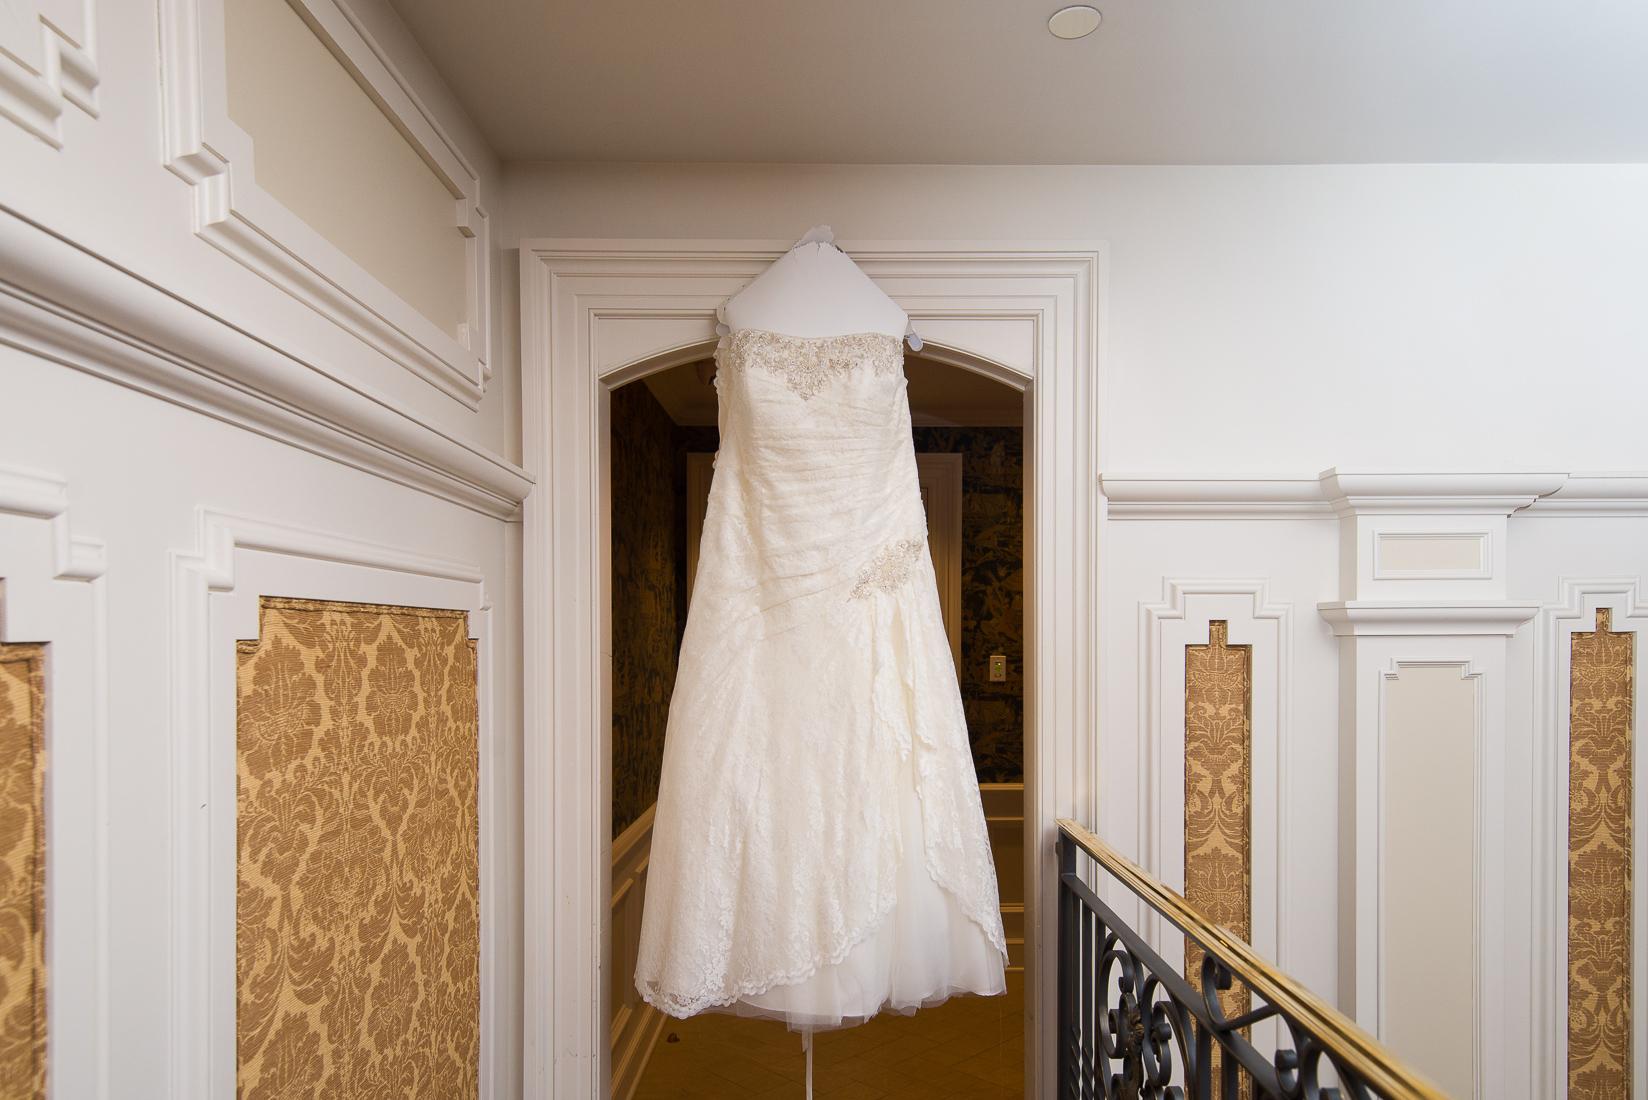 Manor-SouthOrange-NJ-wedding-0005.jpg